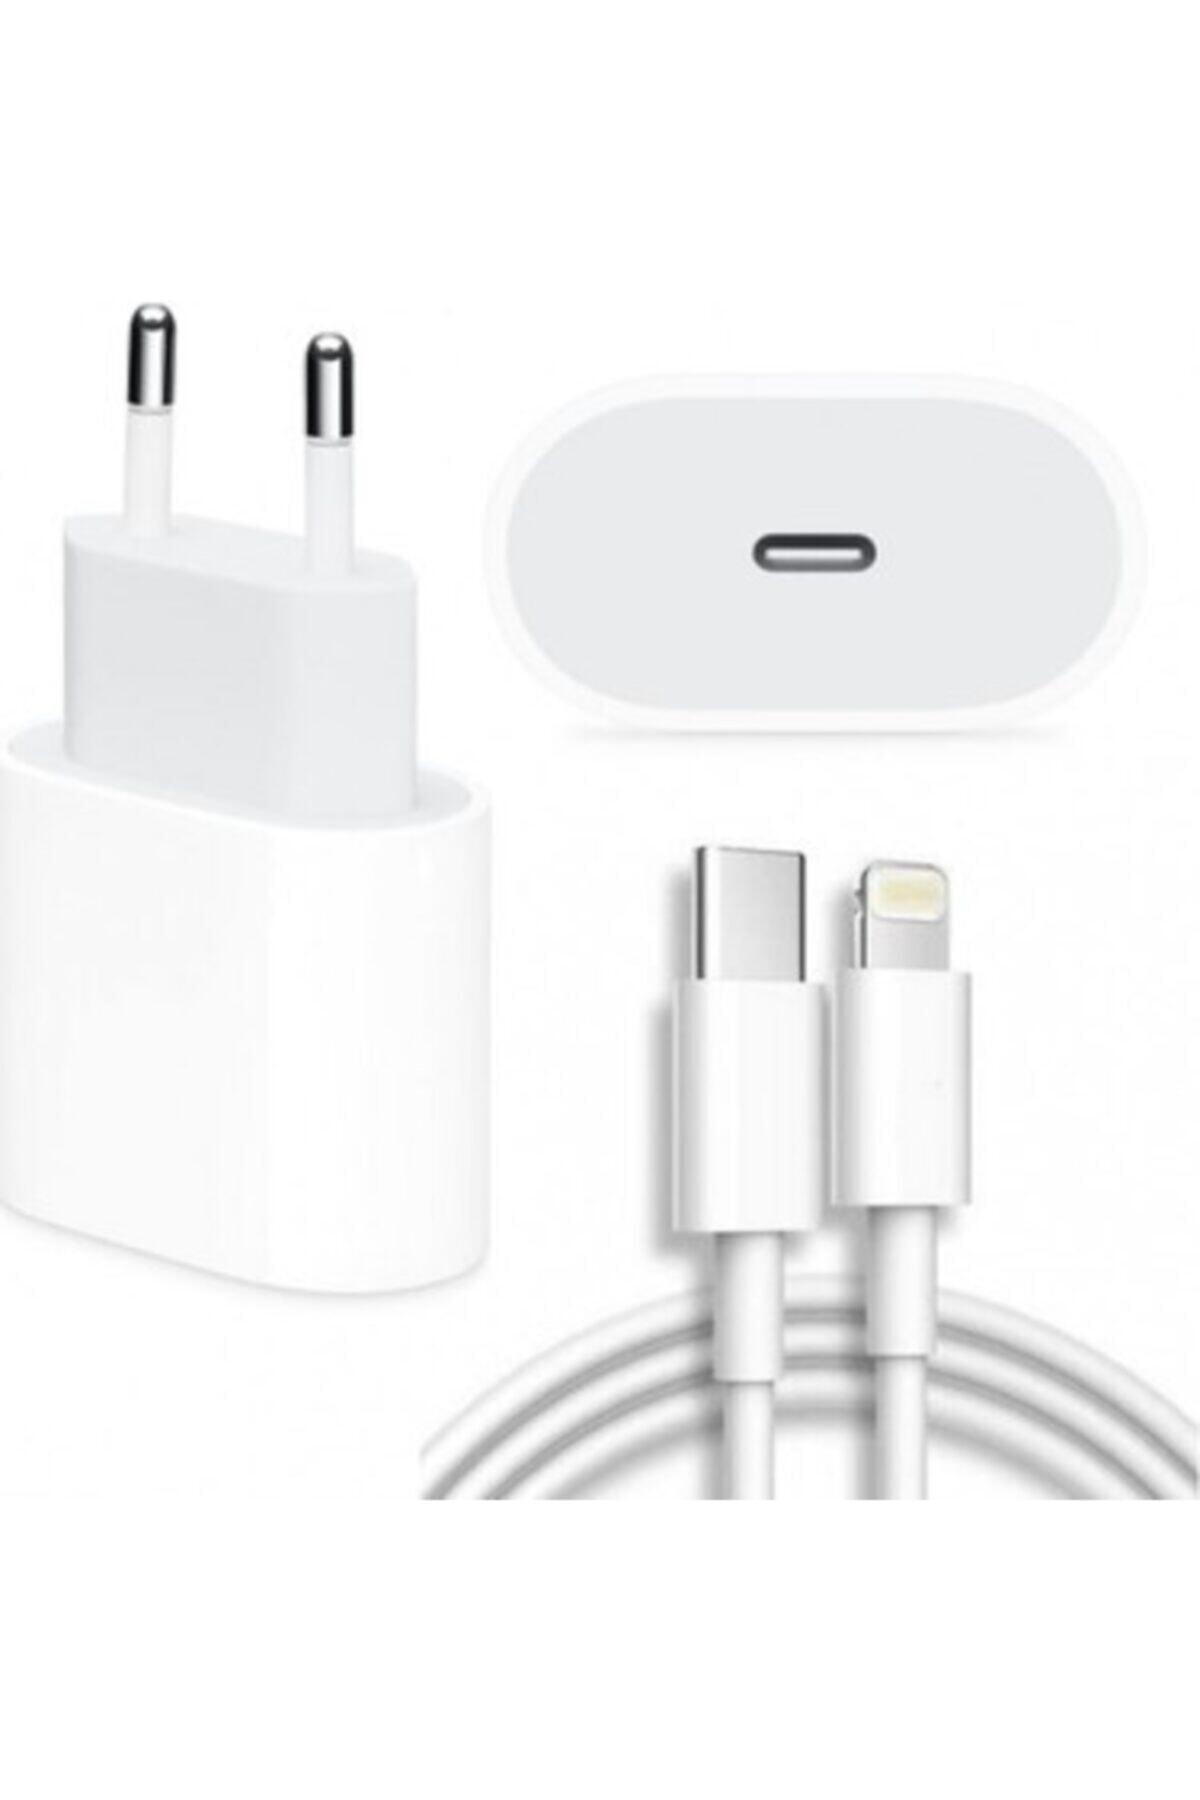 Apple Iphone 11 / 11 Pro / 11 Pro /12 Pro Uyumlu (20W) Hızlı Şarj Aleti Ve Kablosu.